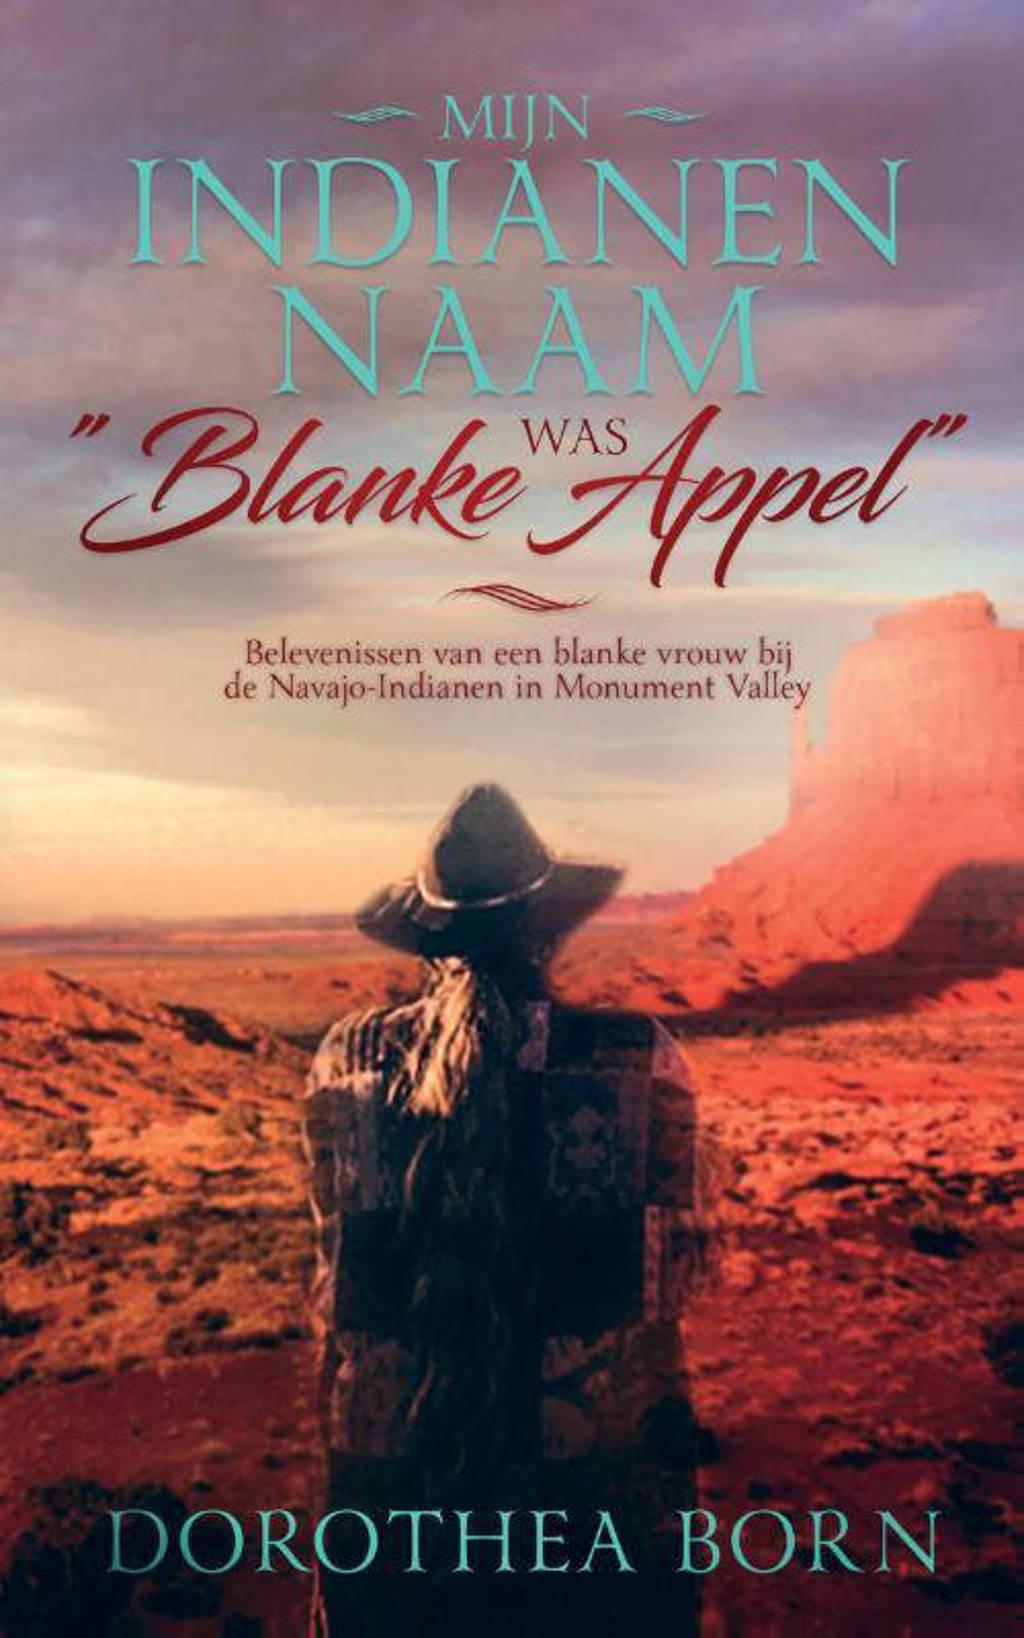 """Mijn indianennaam was """"Blanke Appel"""" - Dorothea Born"""